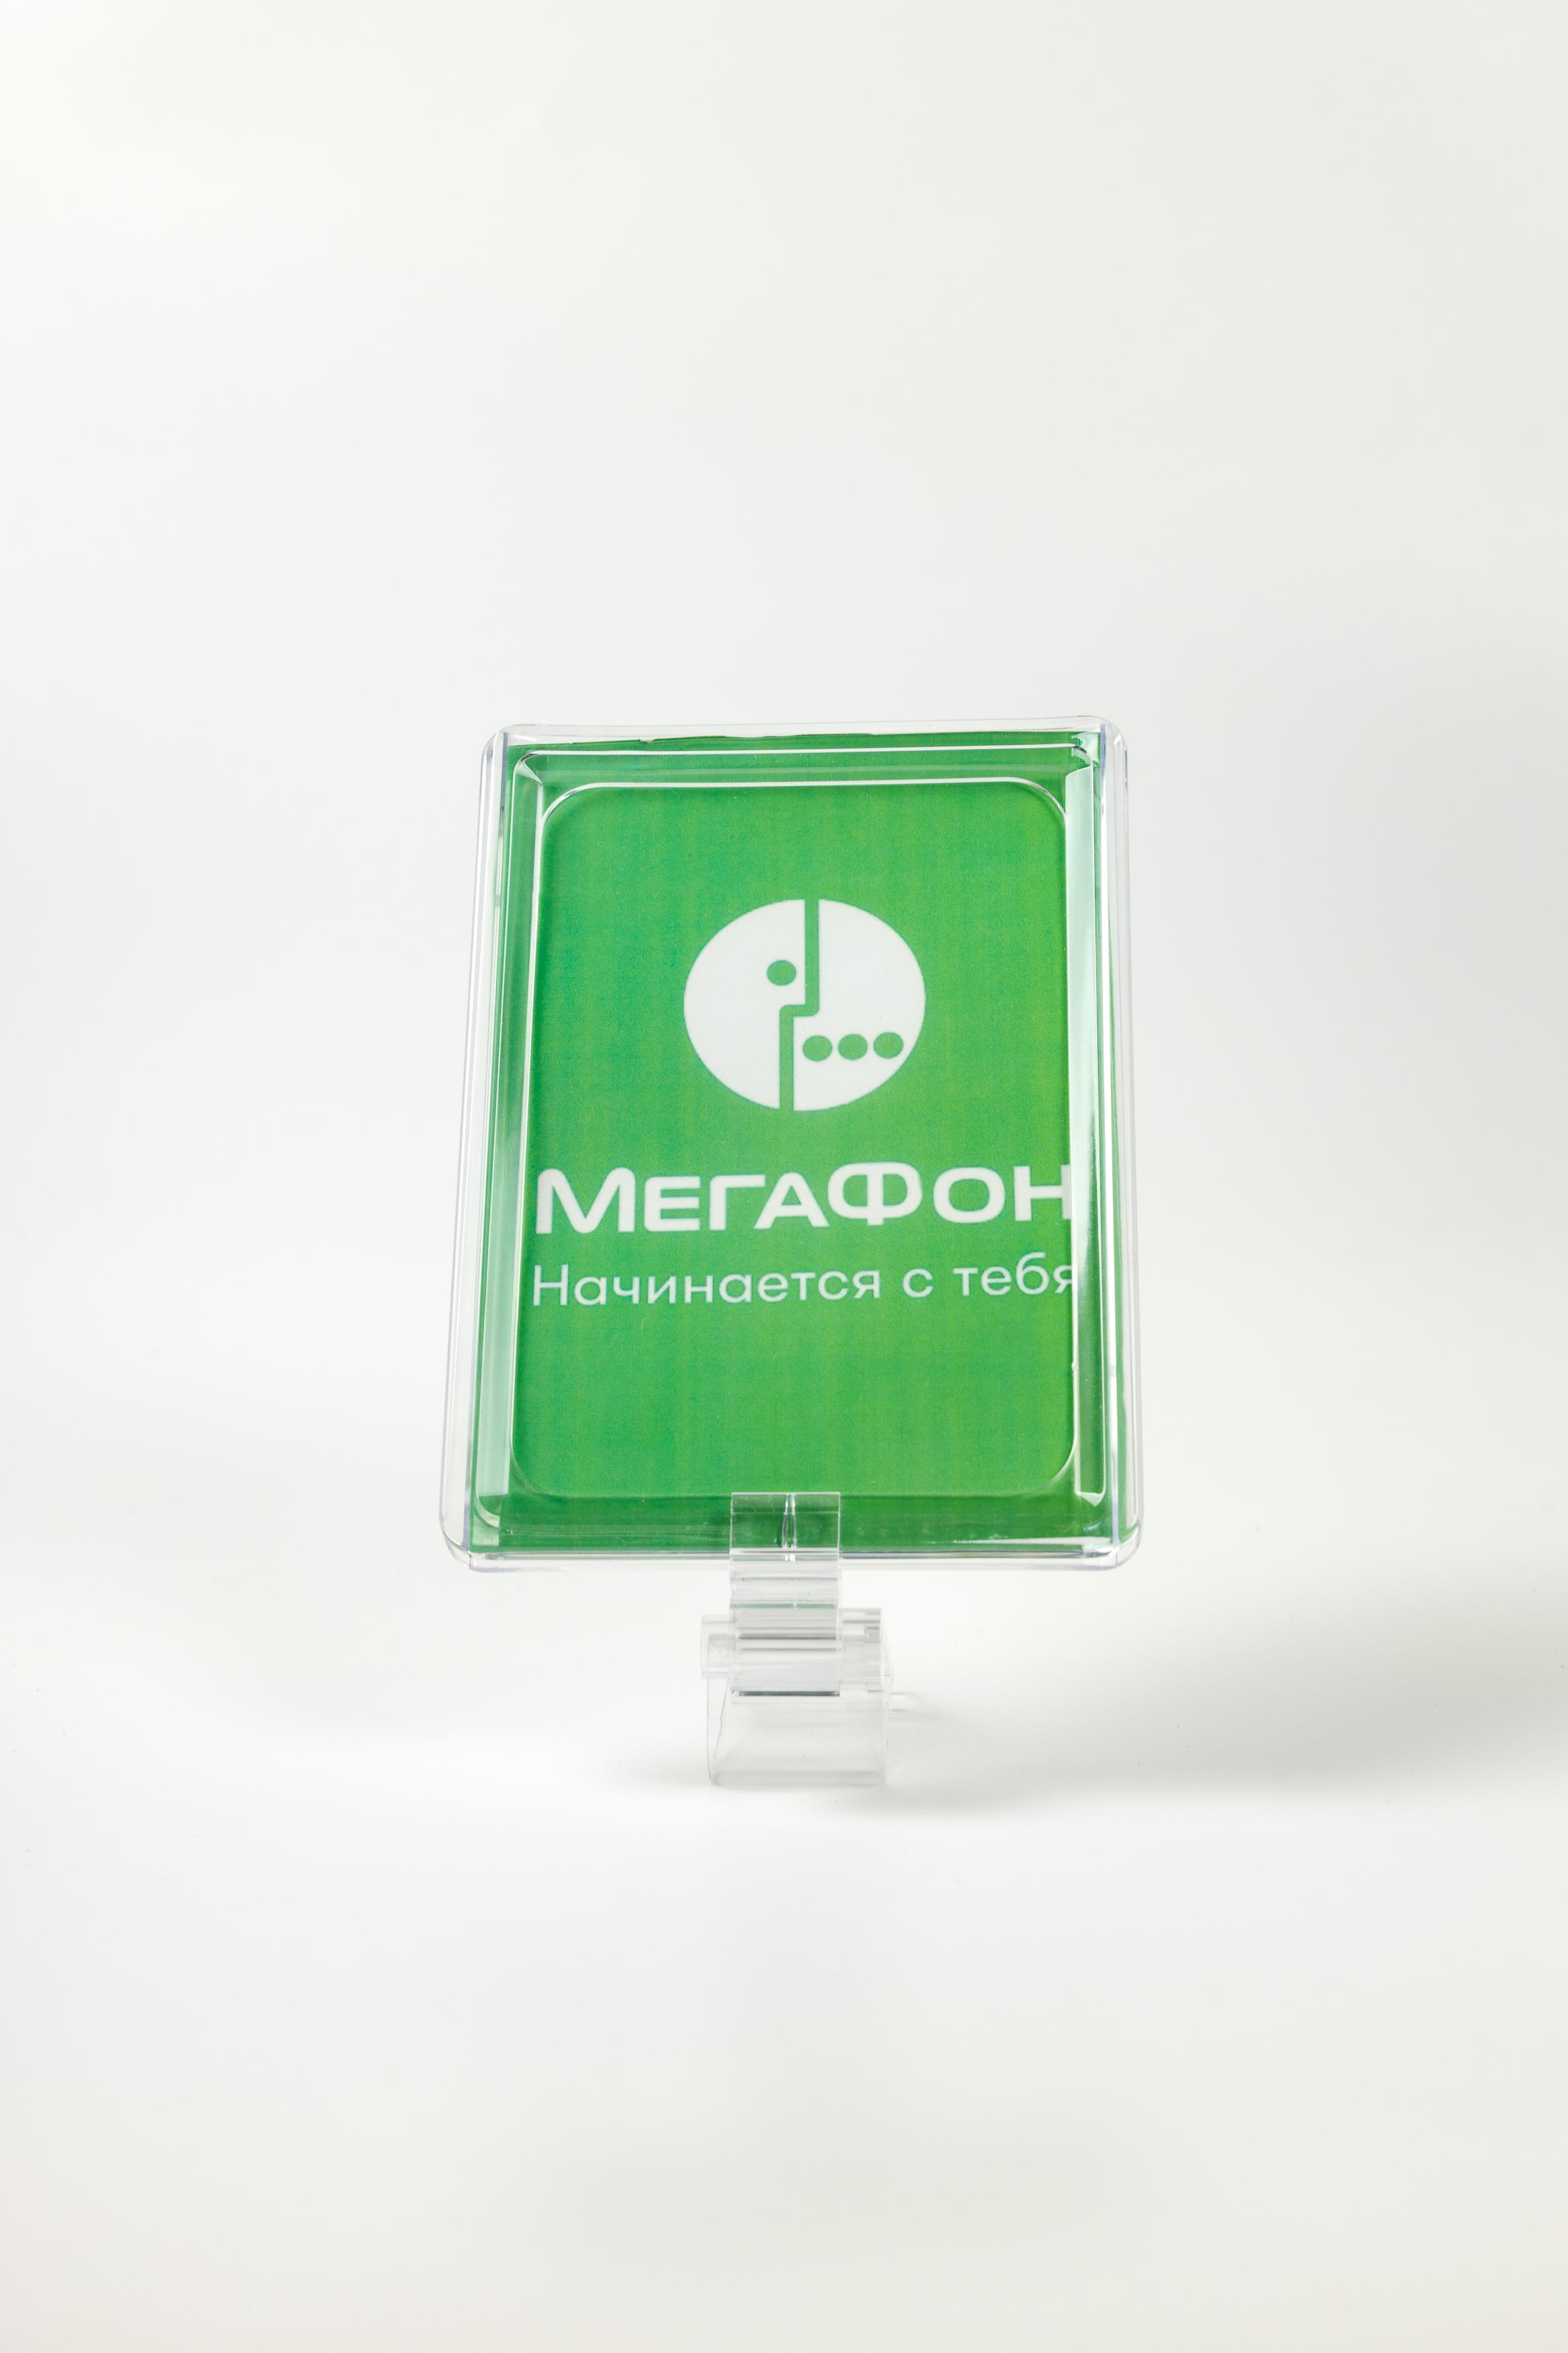 ценникодержатель пластиковый